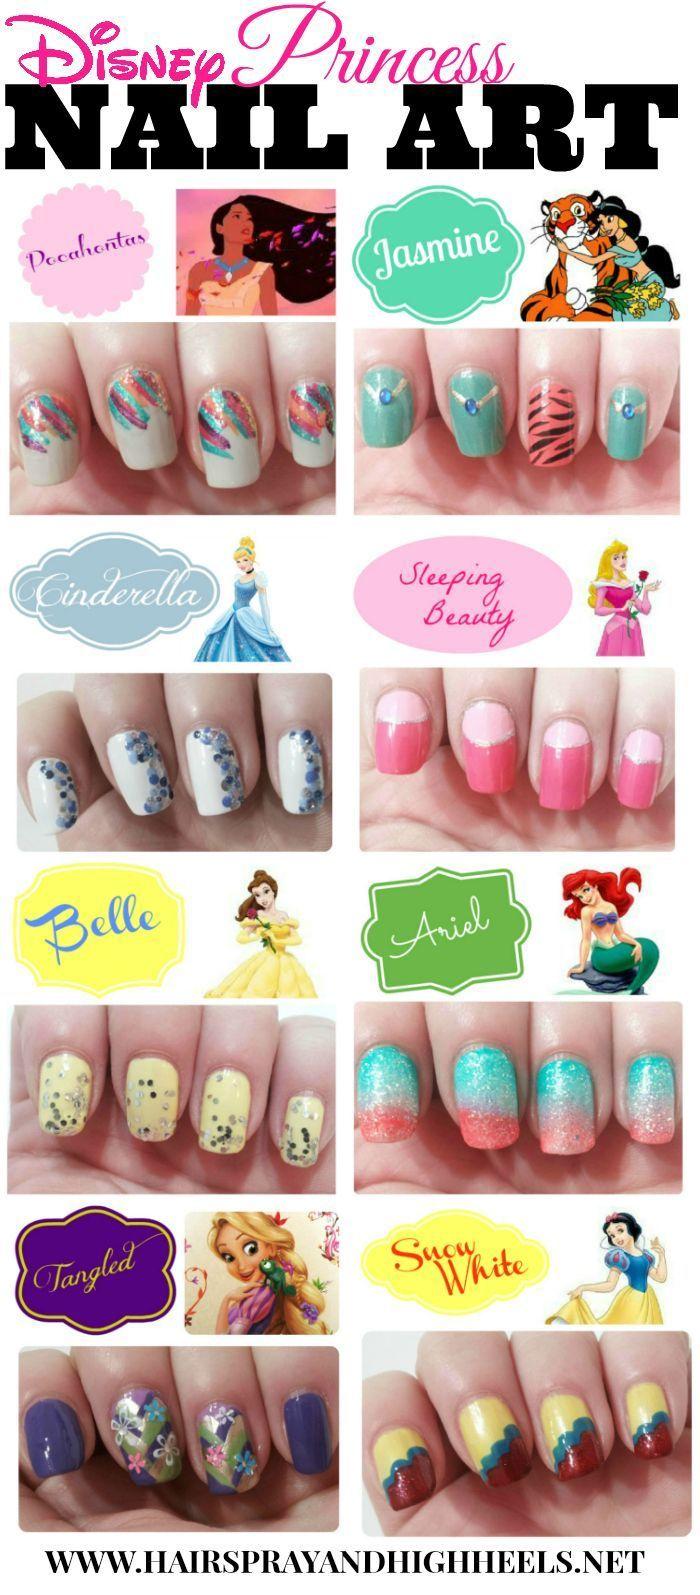 Disney Princesses Nail Art Princess Nail Art Disney Princess Nail Art Nails